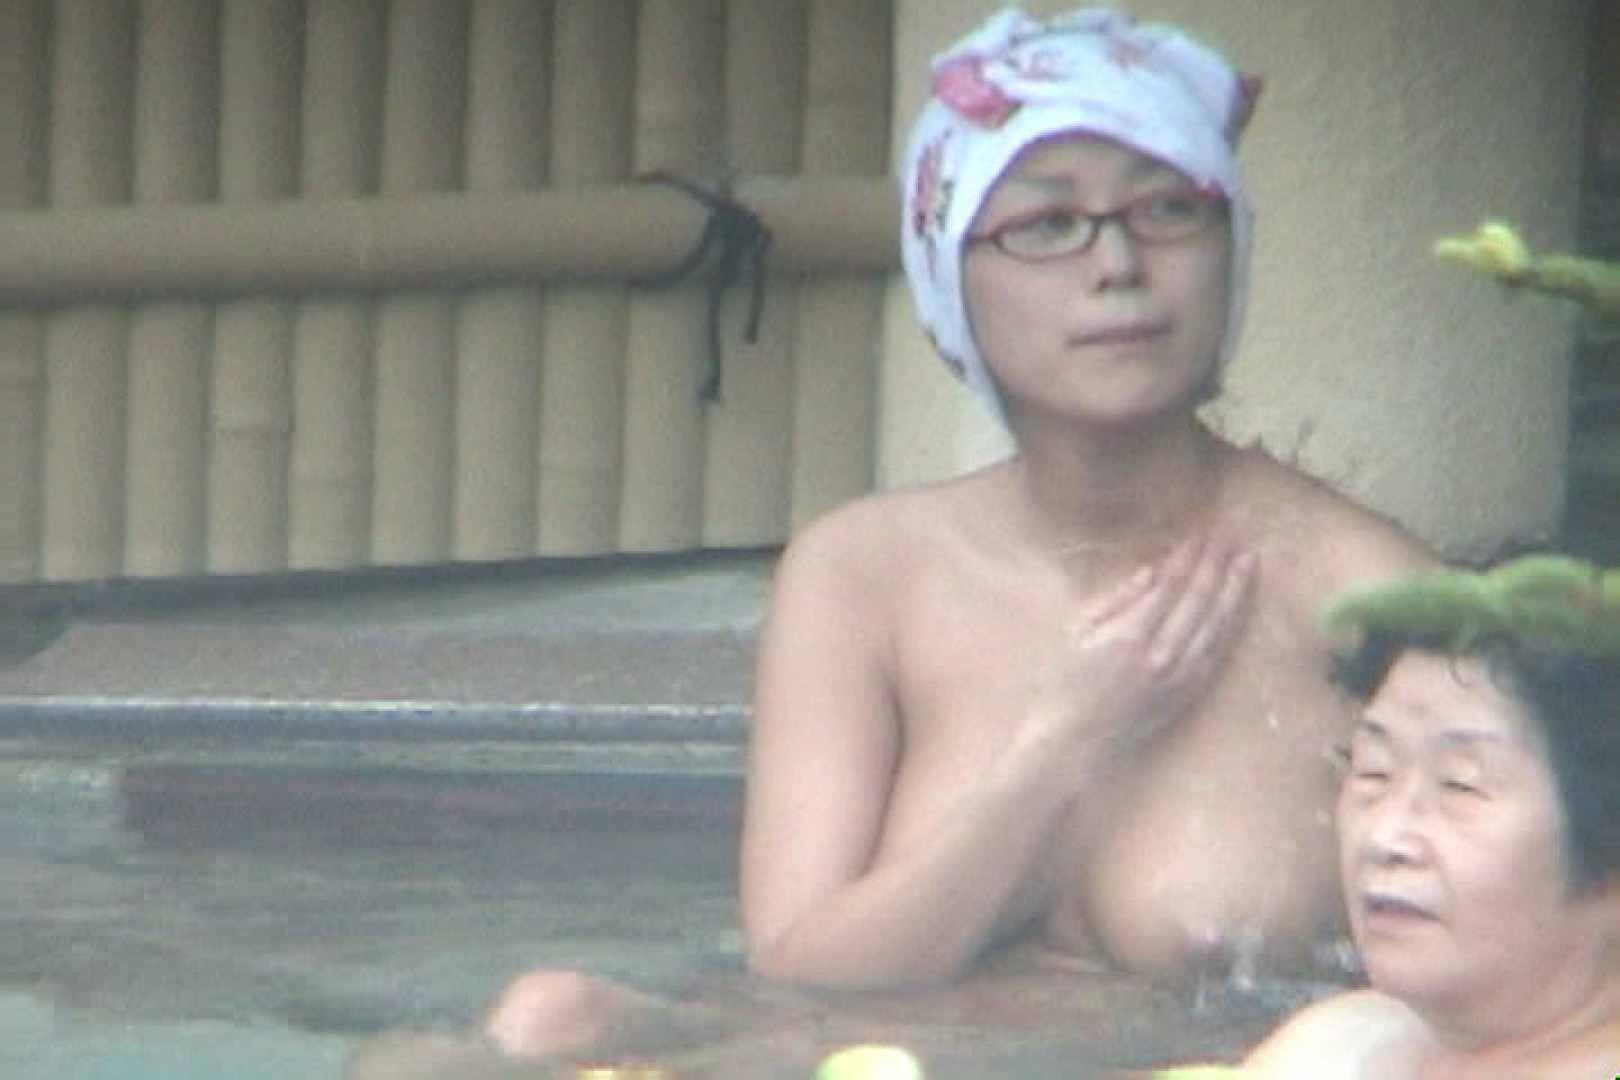 Aquaな露天風呂Vol.76【VIP限定】 盗撮  81画像 27